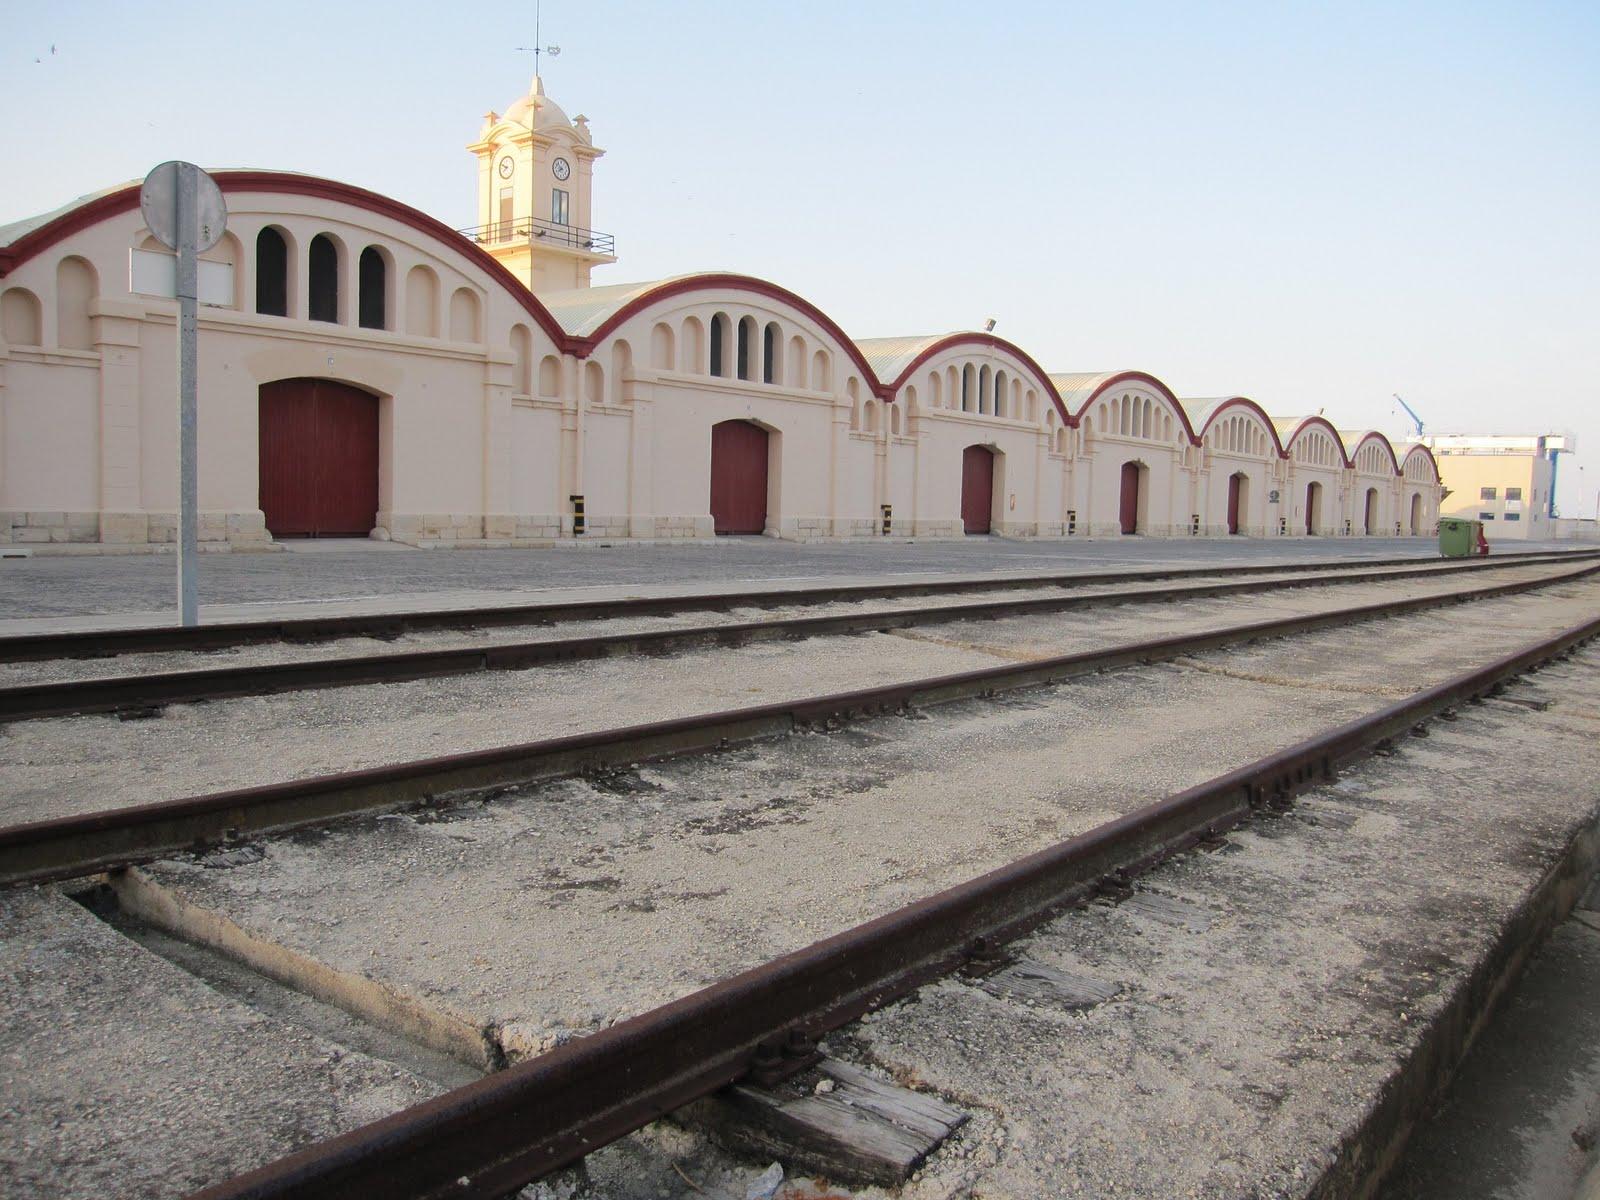 Vies del tren al port de Gandia. Al fons, els magatzems